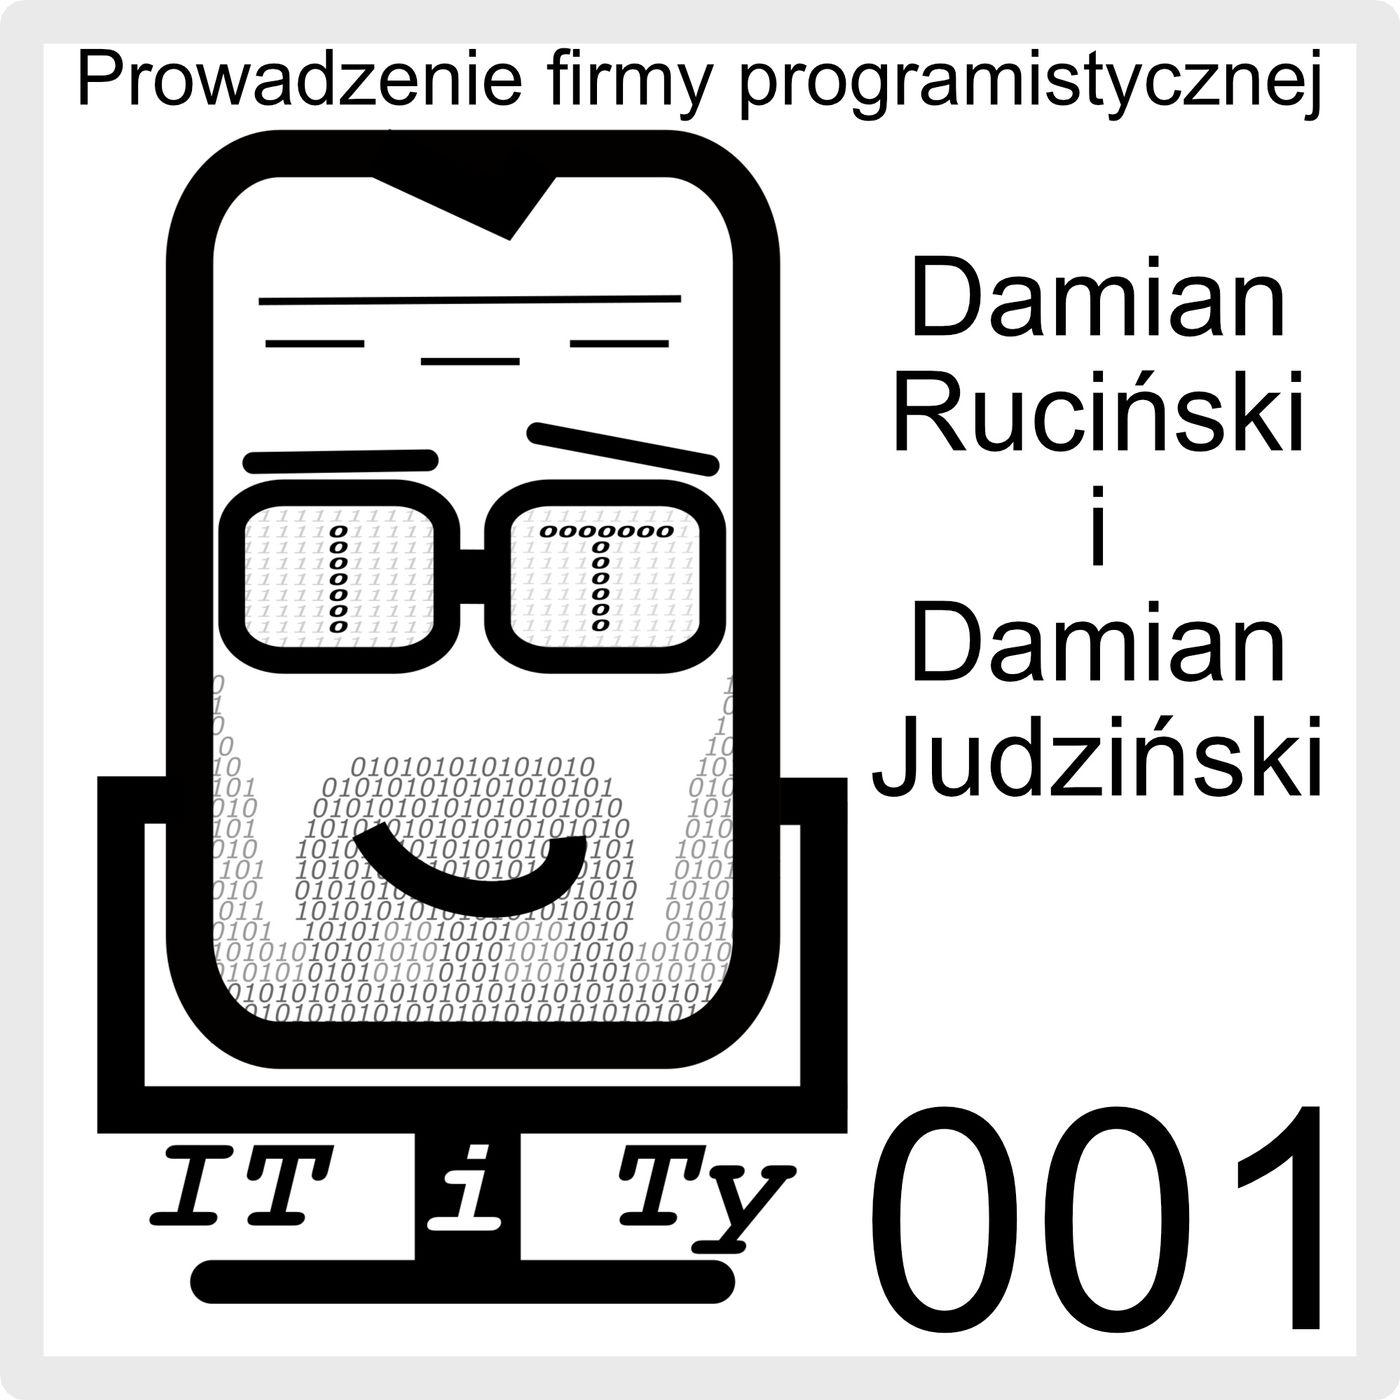 ITiTy#001 Prowadzanie firmy programistycznej - Damian Judziński